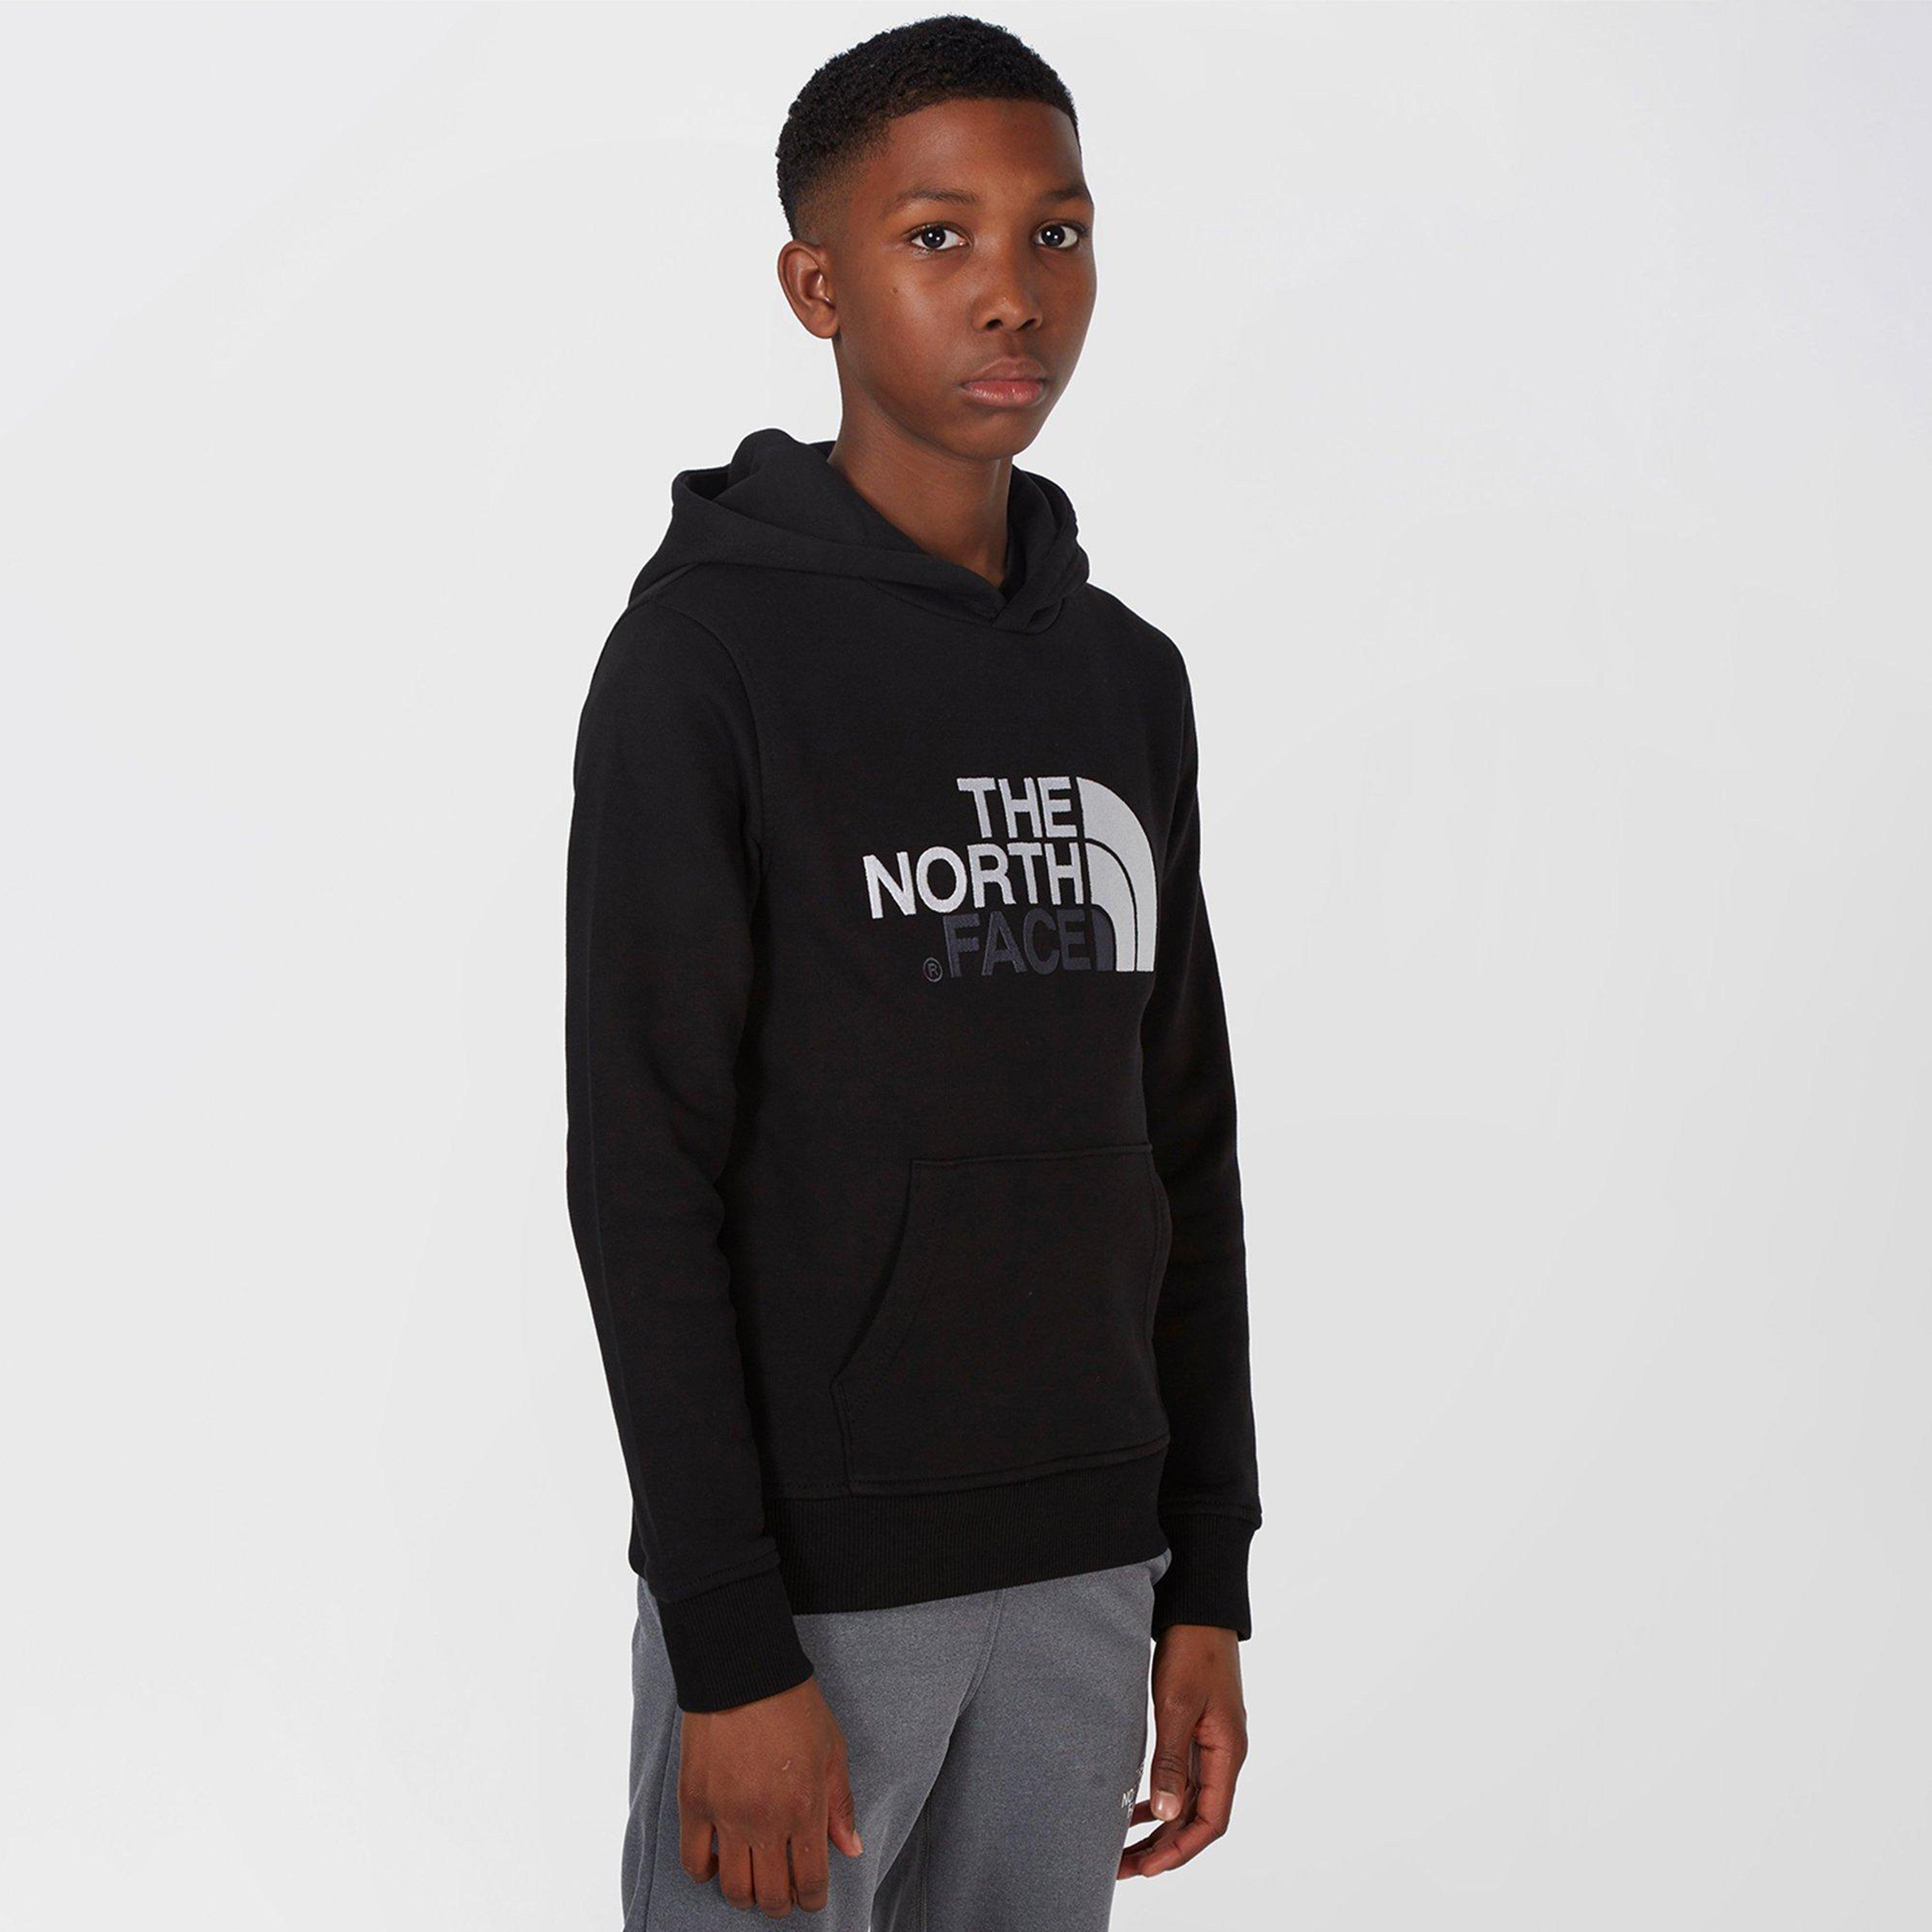 3d9ba3f6 Black THE NORTH FACE Kids Drew Peak Hoodie image 1